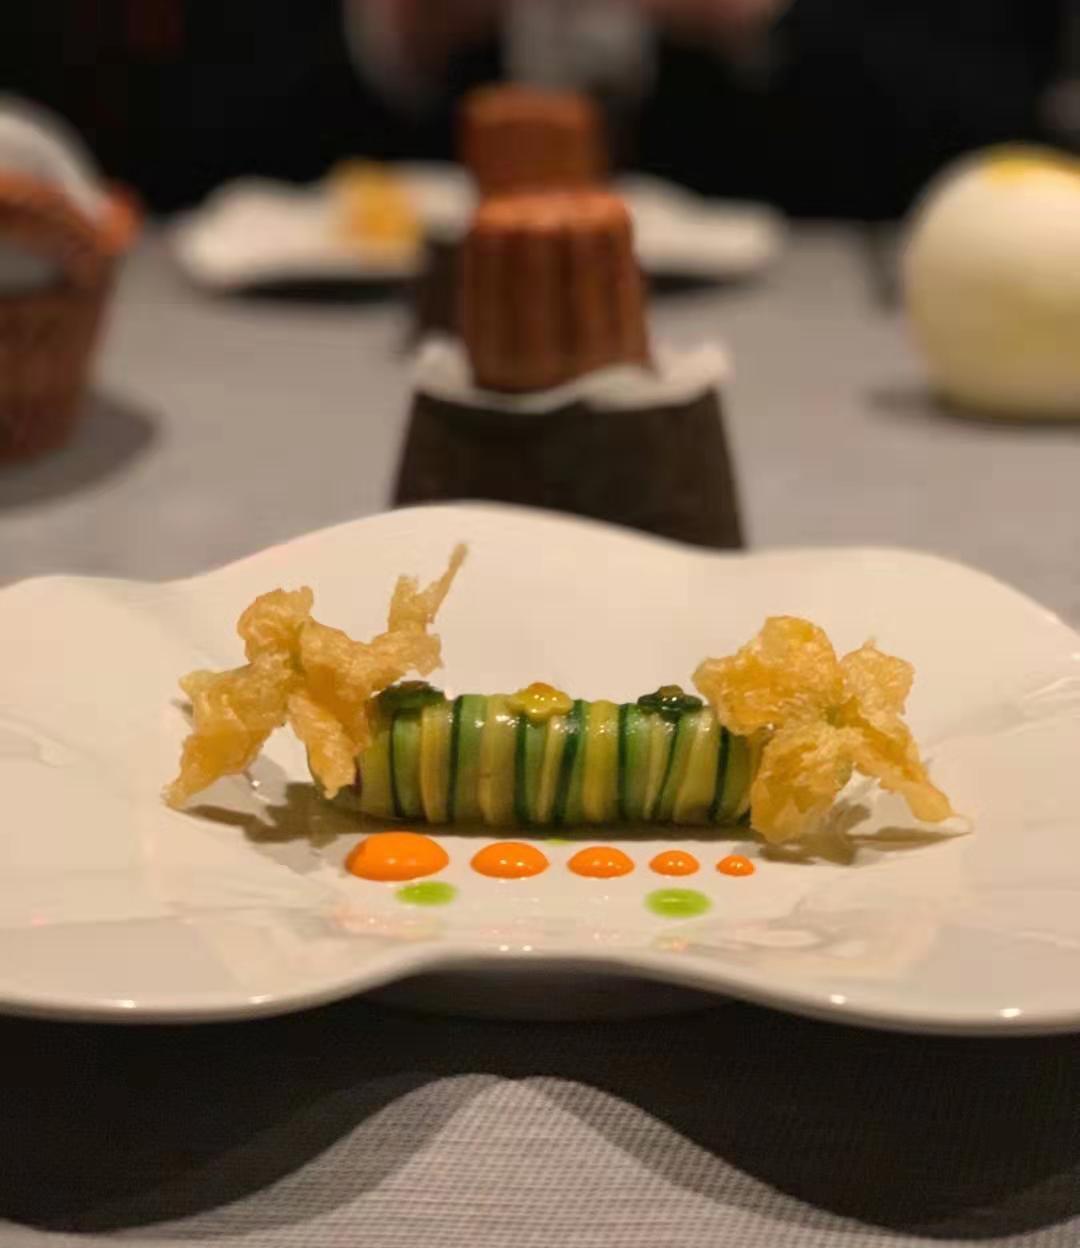 菜品:西葫蘆烤碎肉捲子,搭配南瓜籽,橄欖,天婦羅花。(餐廳提供)